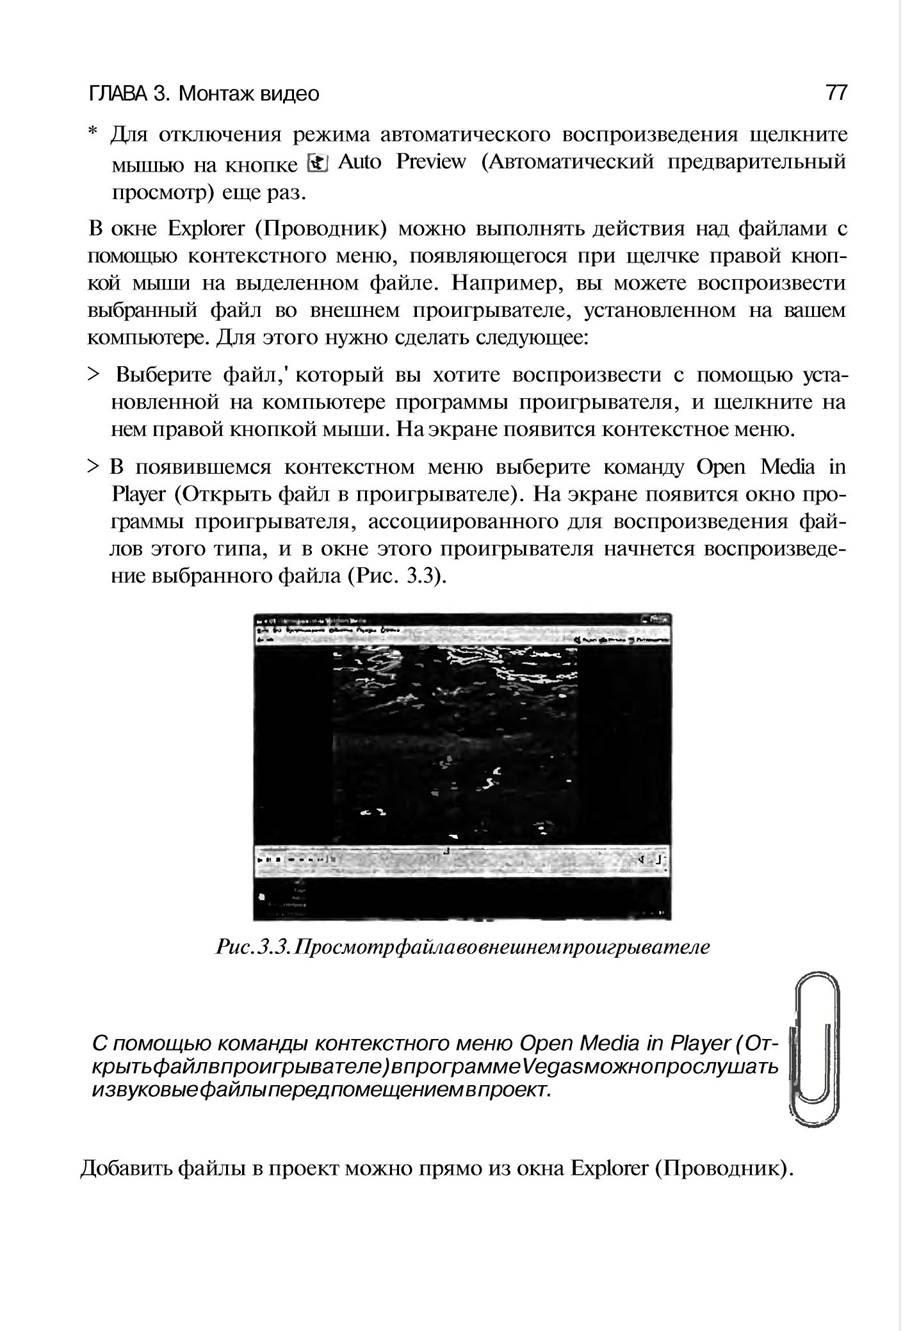 http://redaktori-uroki.3dn.ru/_ph/13/137027655.jpg